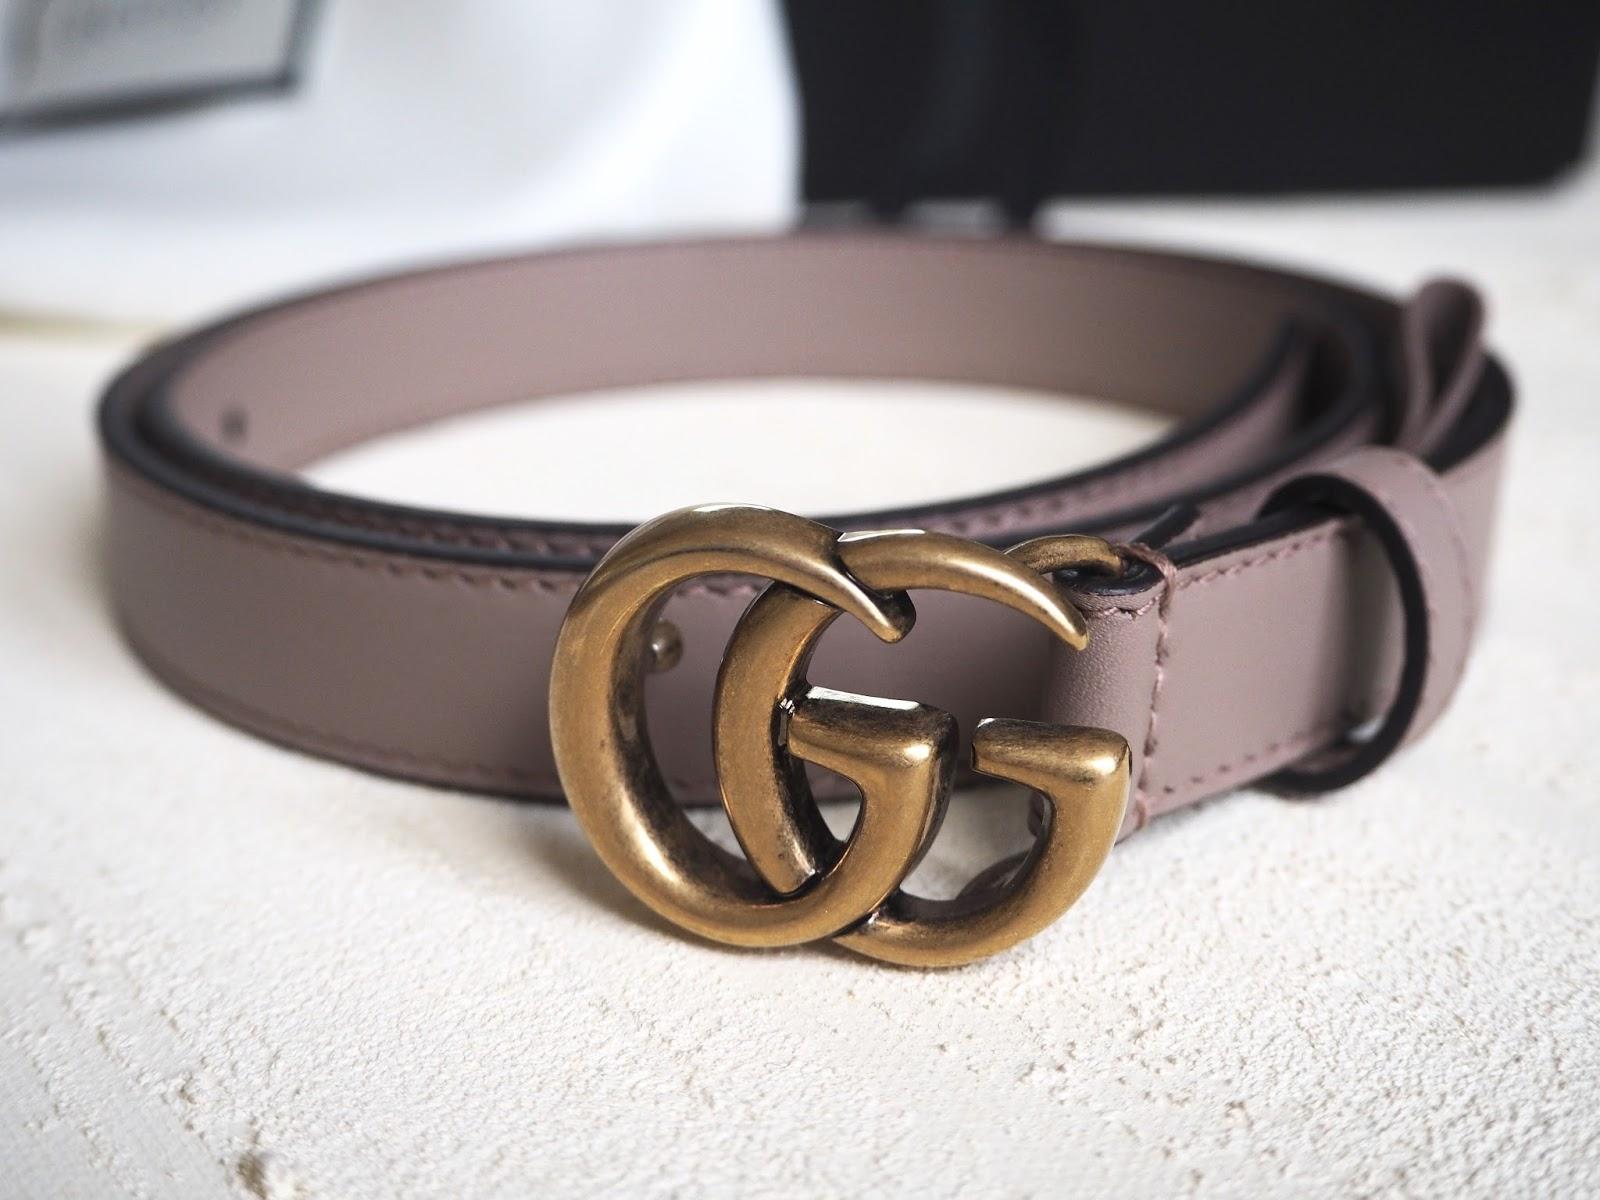 Dựa vào chất liệu dây da để phân biệt thắt lưng Gucci thật giả